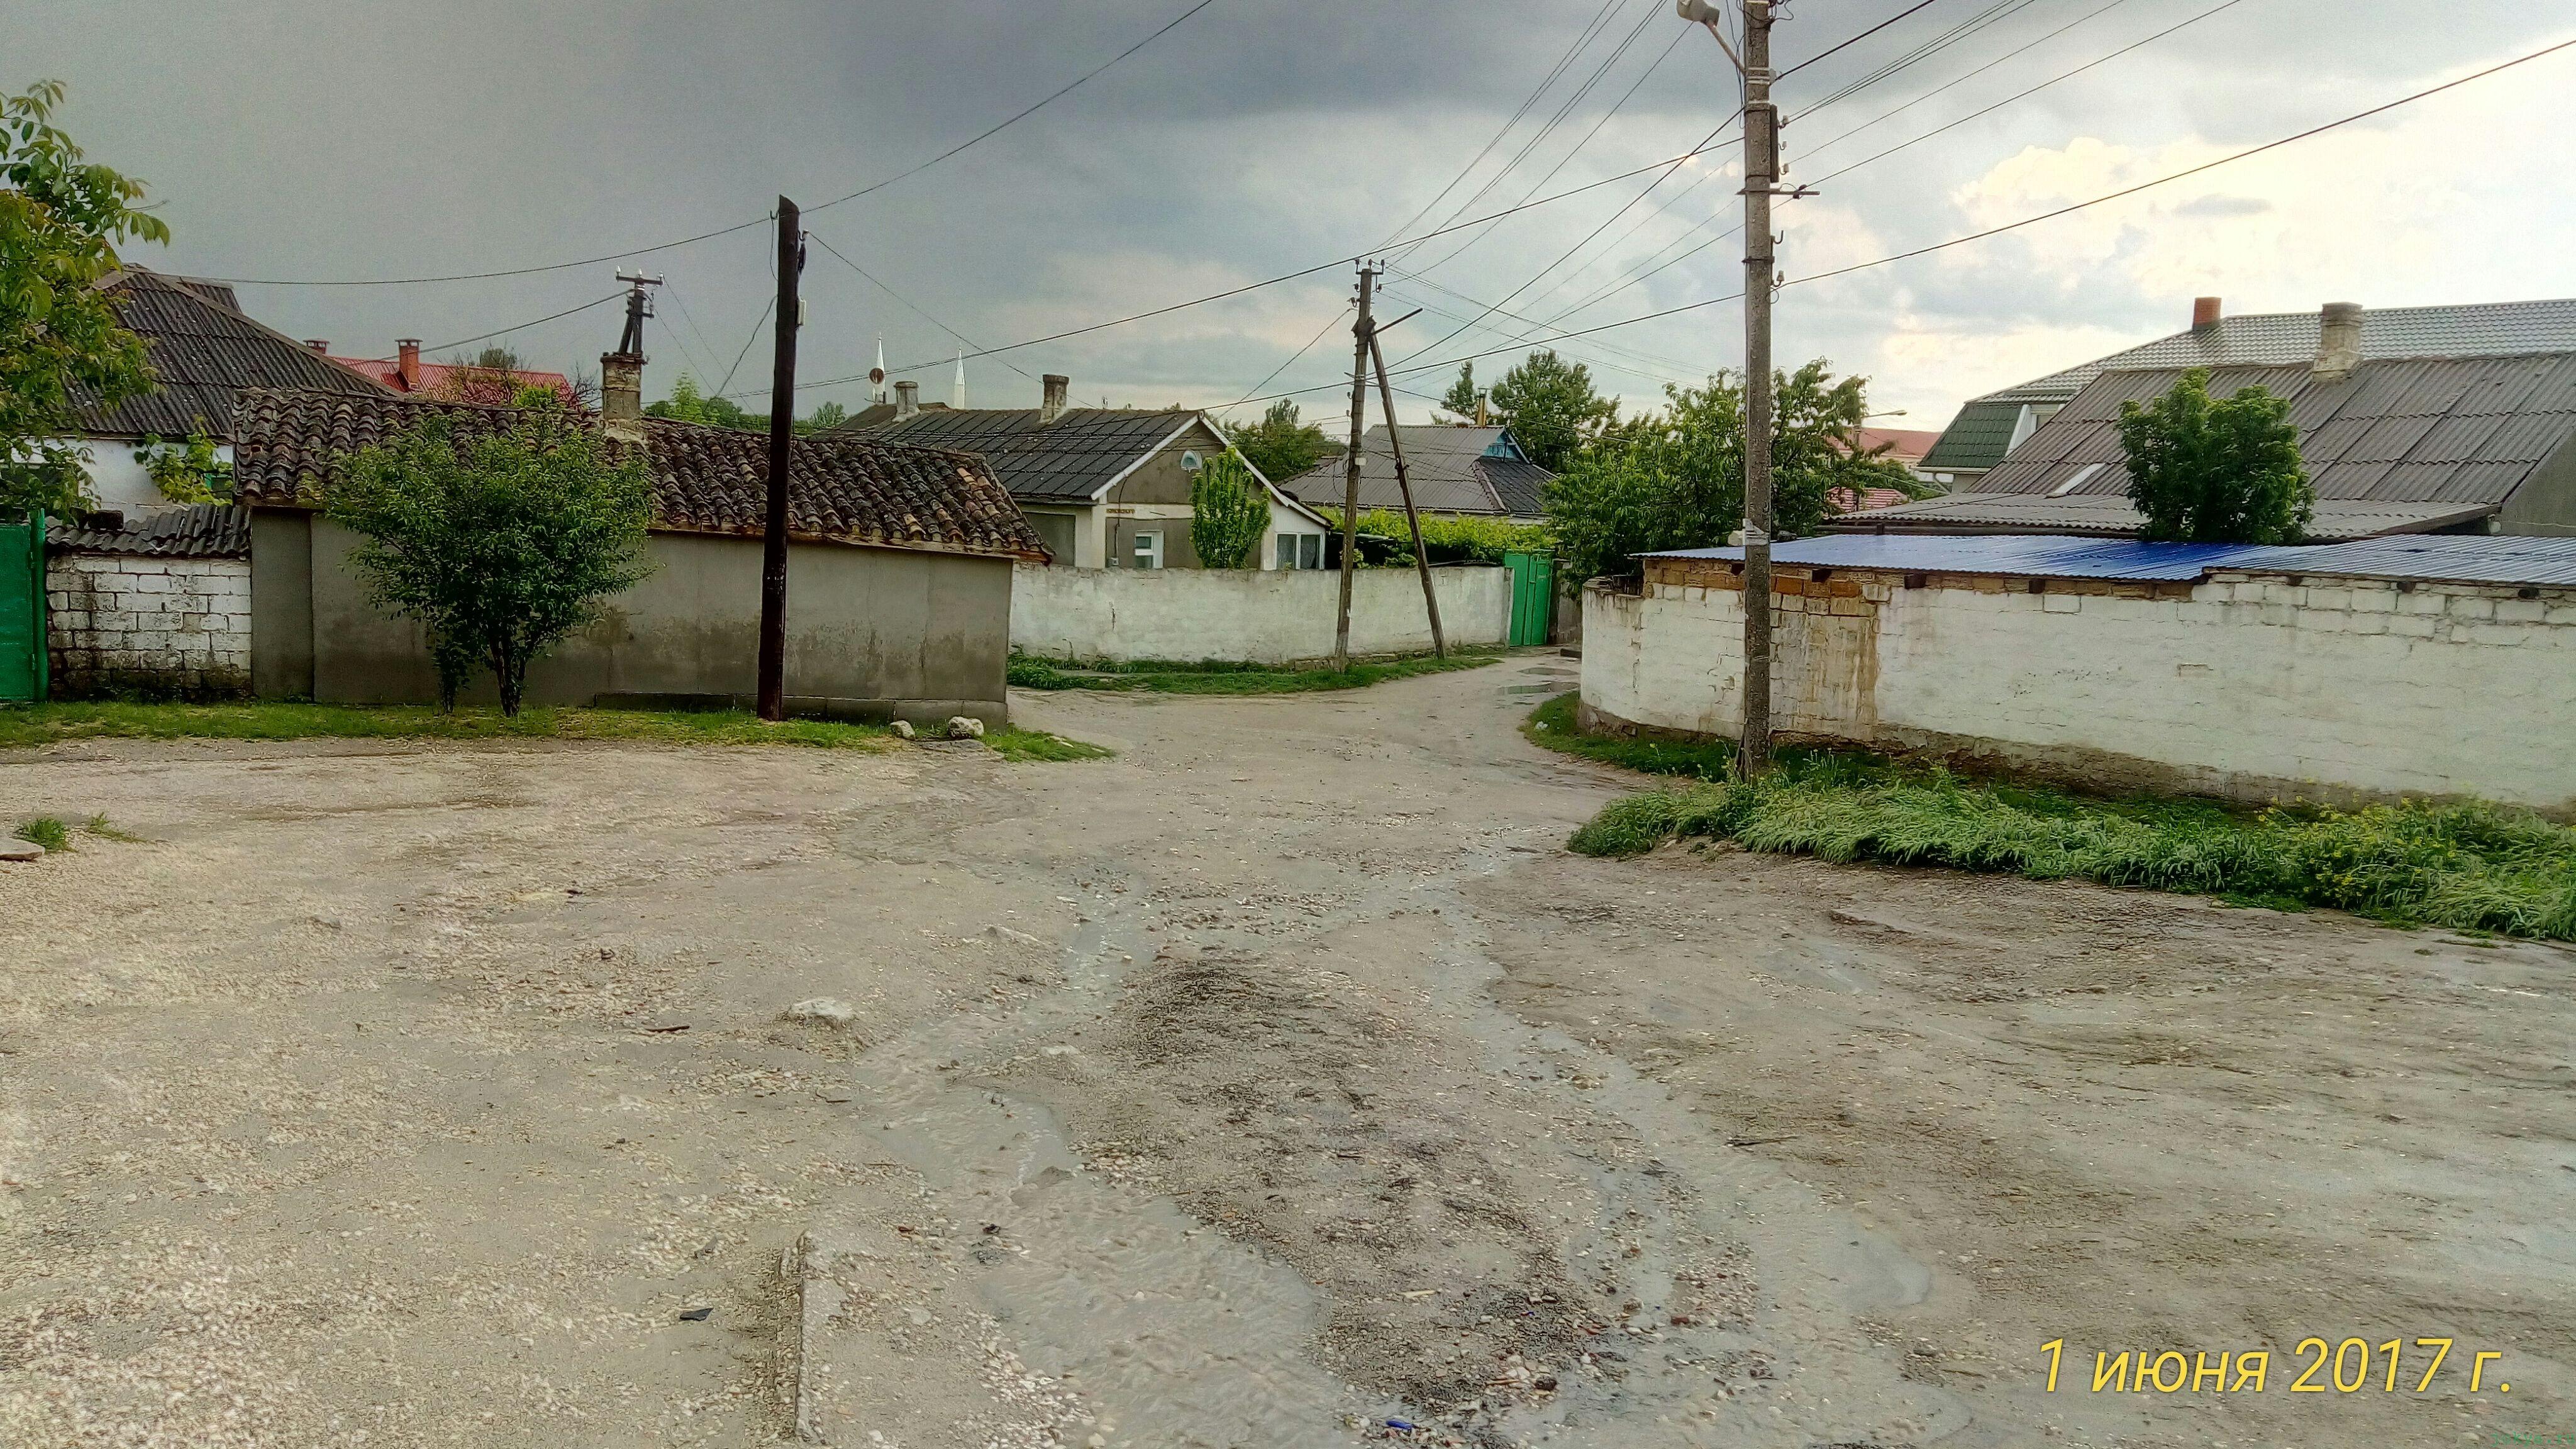 Уличная река фотографии из Белогорска фото заметка из моей реальности в Крыму